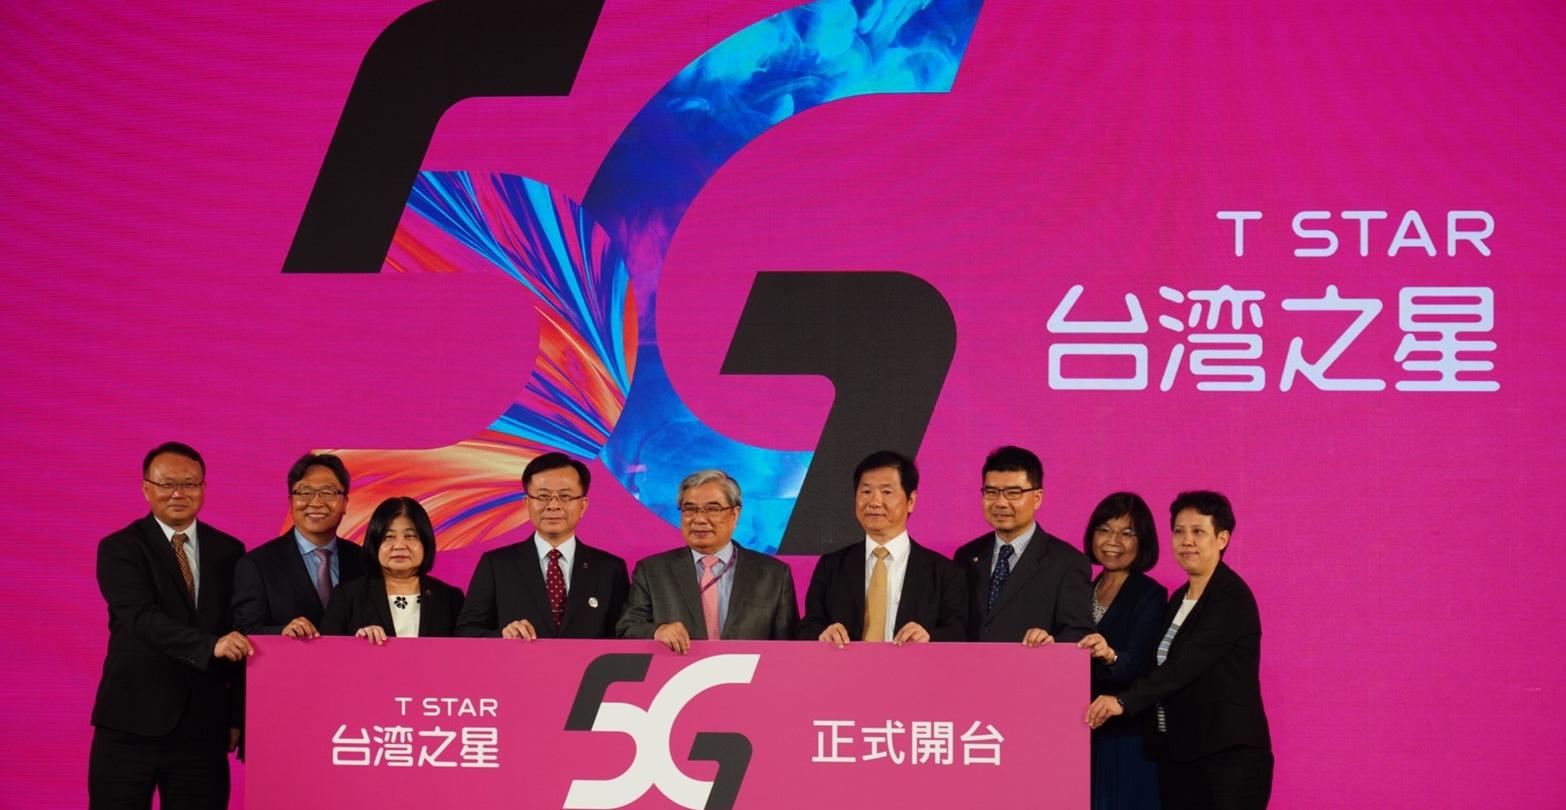 台灣之星 5G 正式開台,公告5G最便宜資費 399 元起